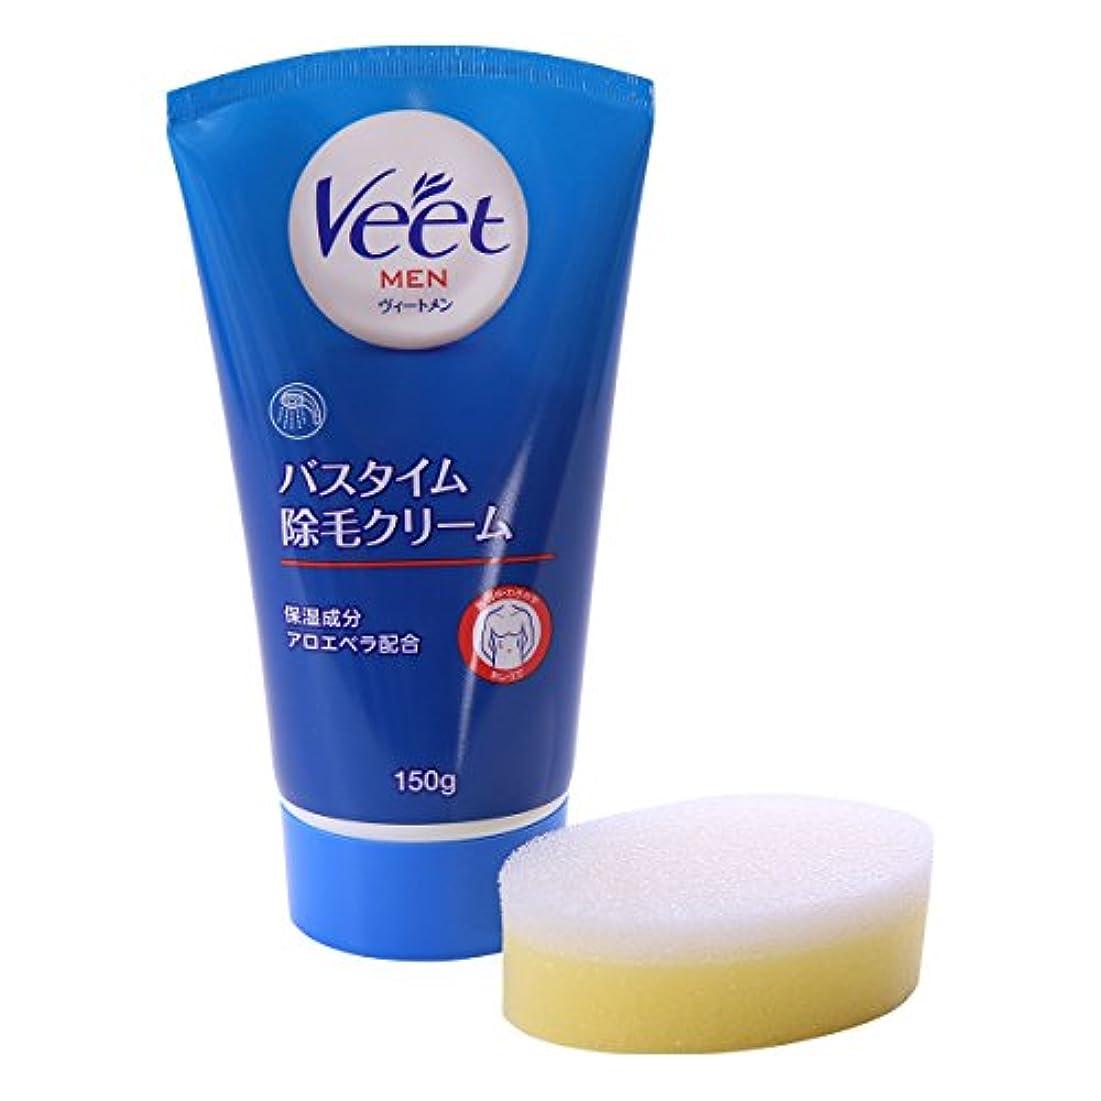 ビーチ悲しいことに辛な(ヴィート)Veet メンズ バスタイム 除毛クリーム あし うで 胸 背中 わきの下